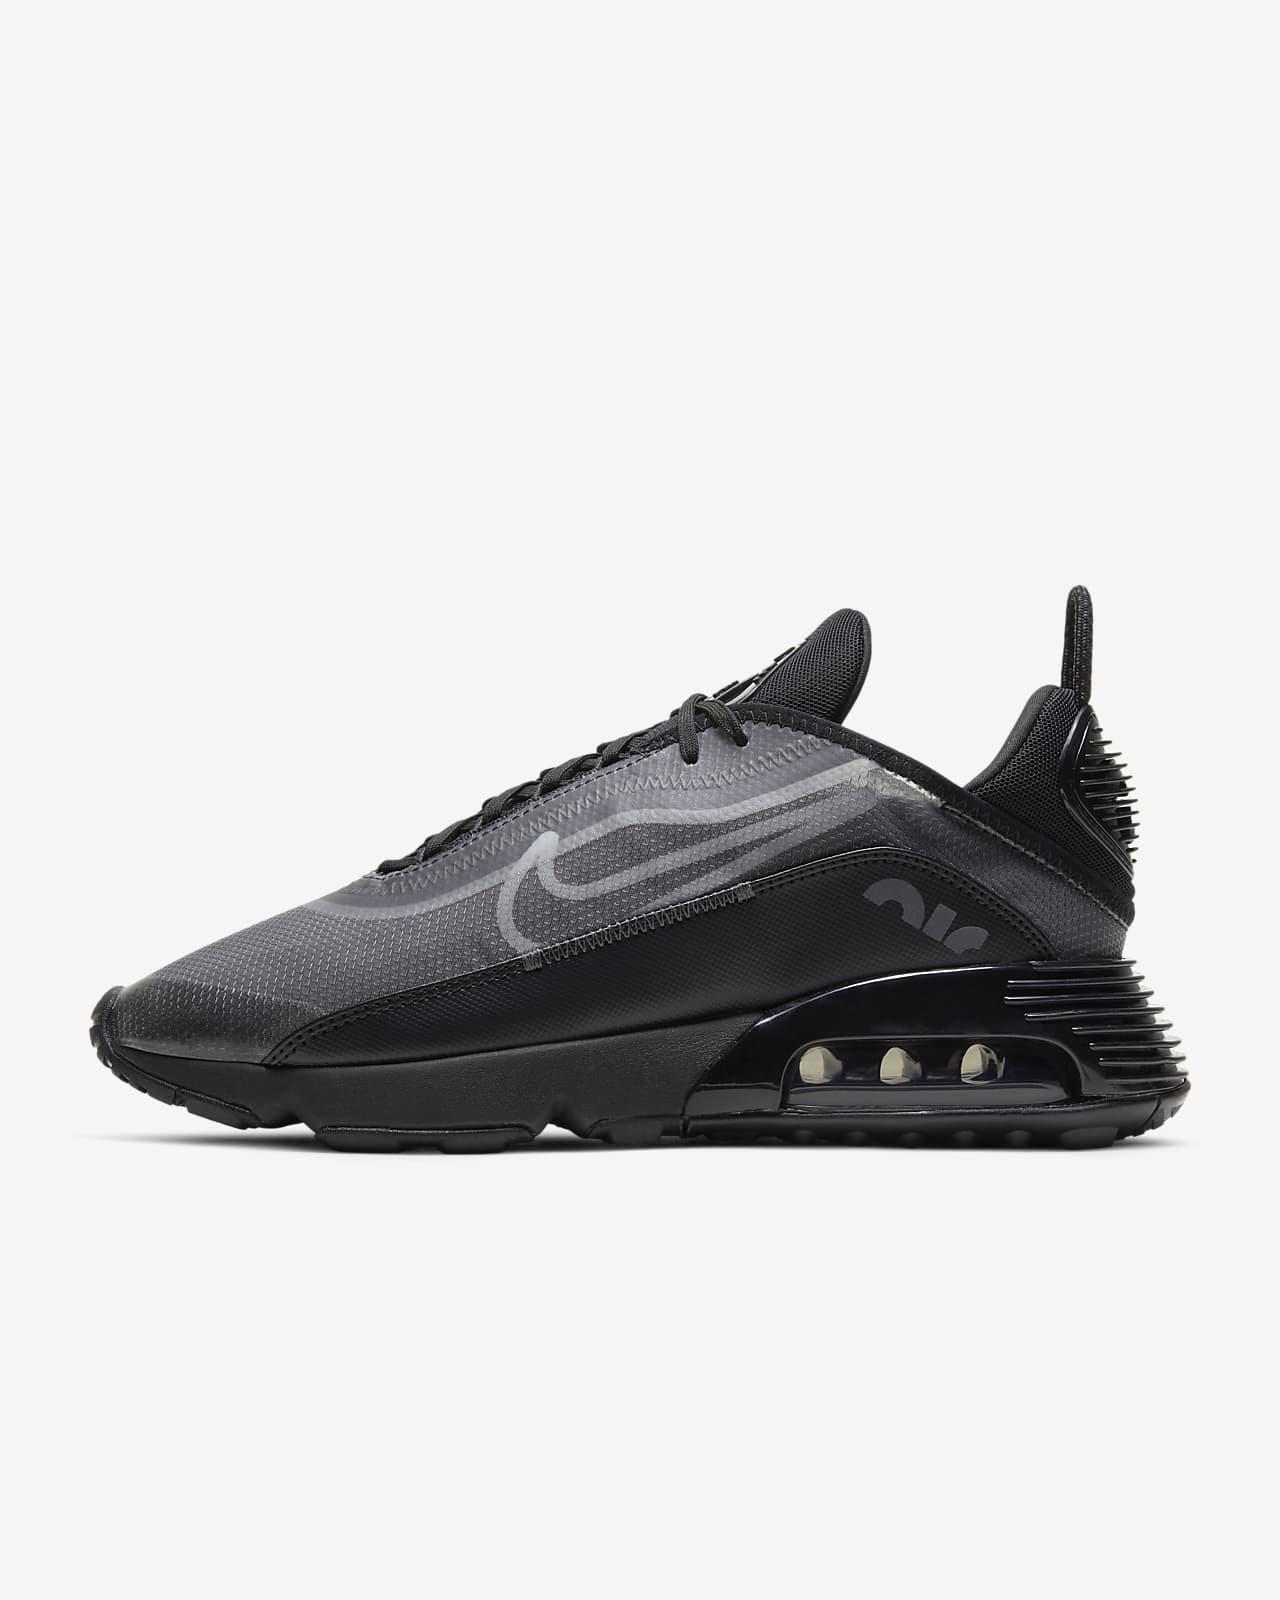 a scarpe nike air max